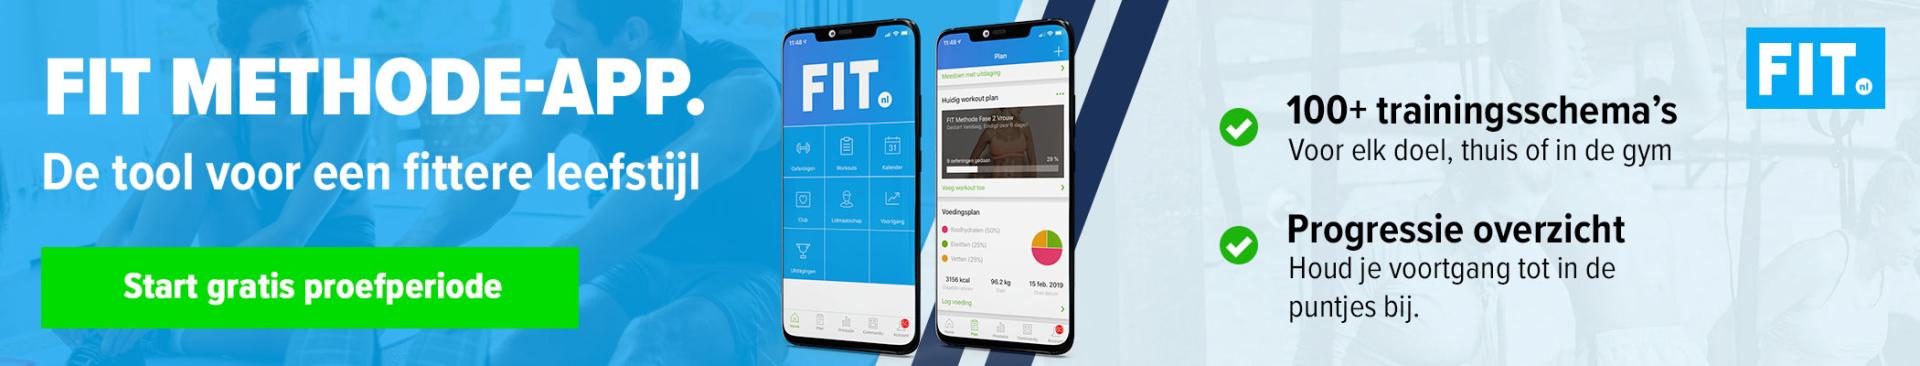 Fit methode app voeding, kracht en afslanken